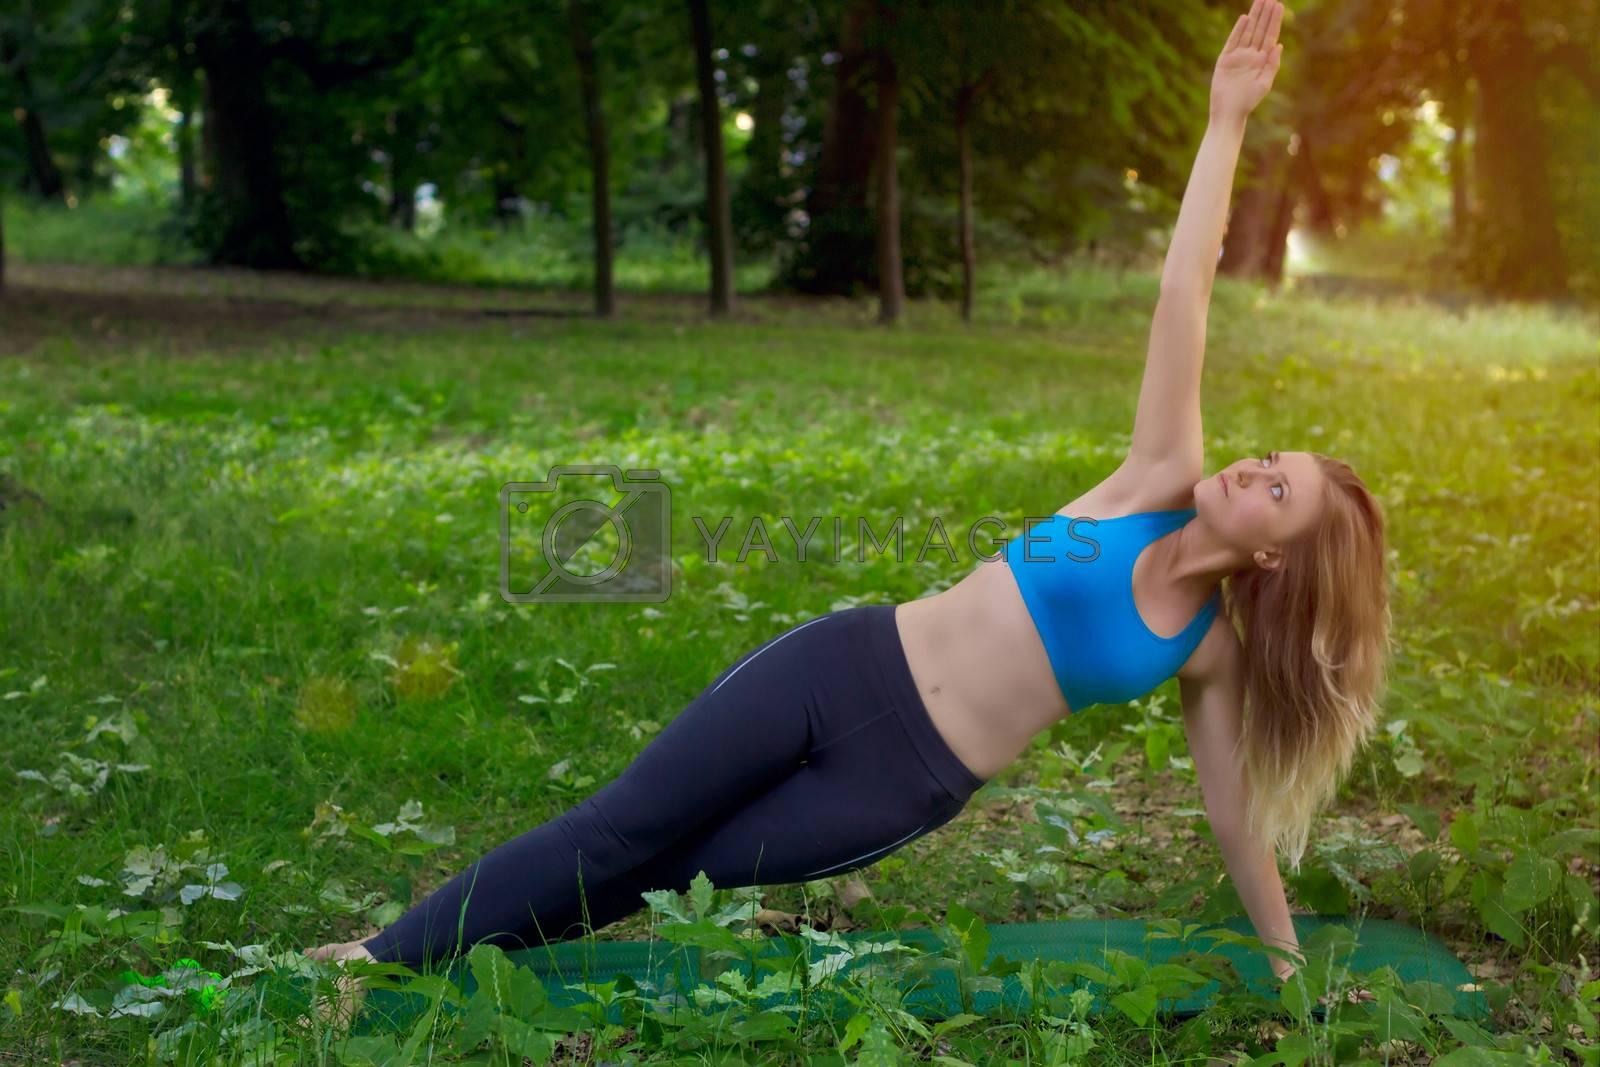 girl doing yoga in the park